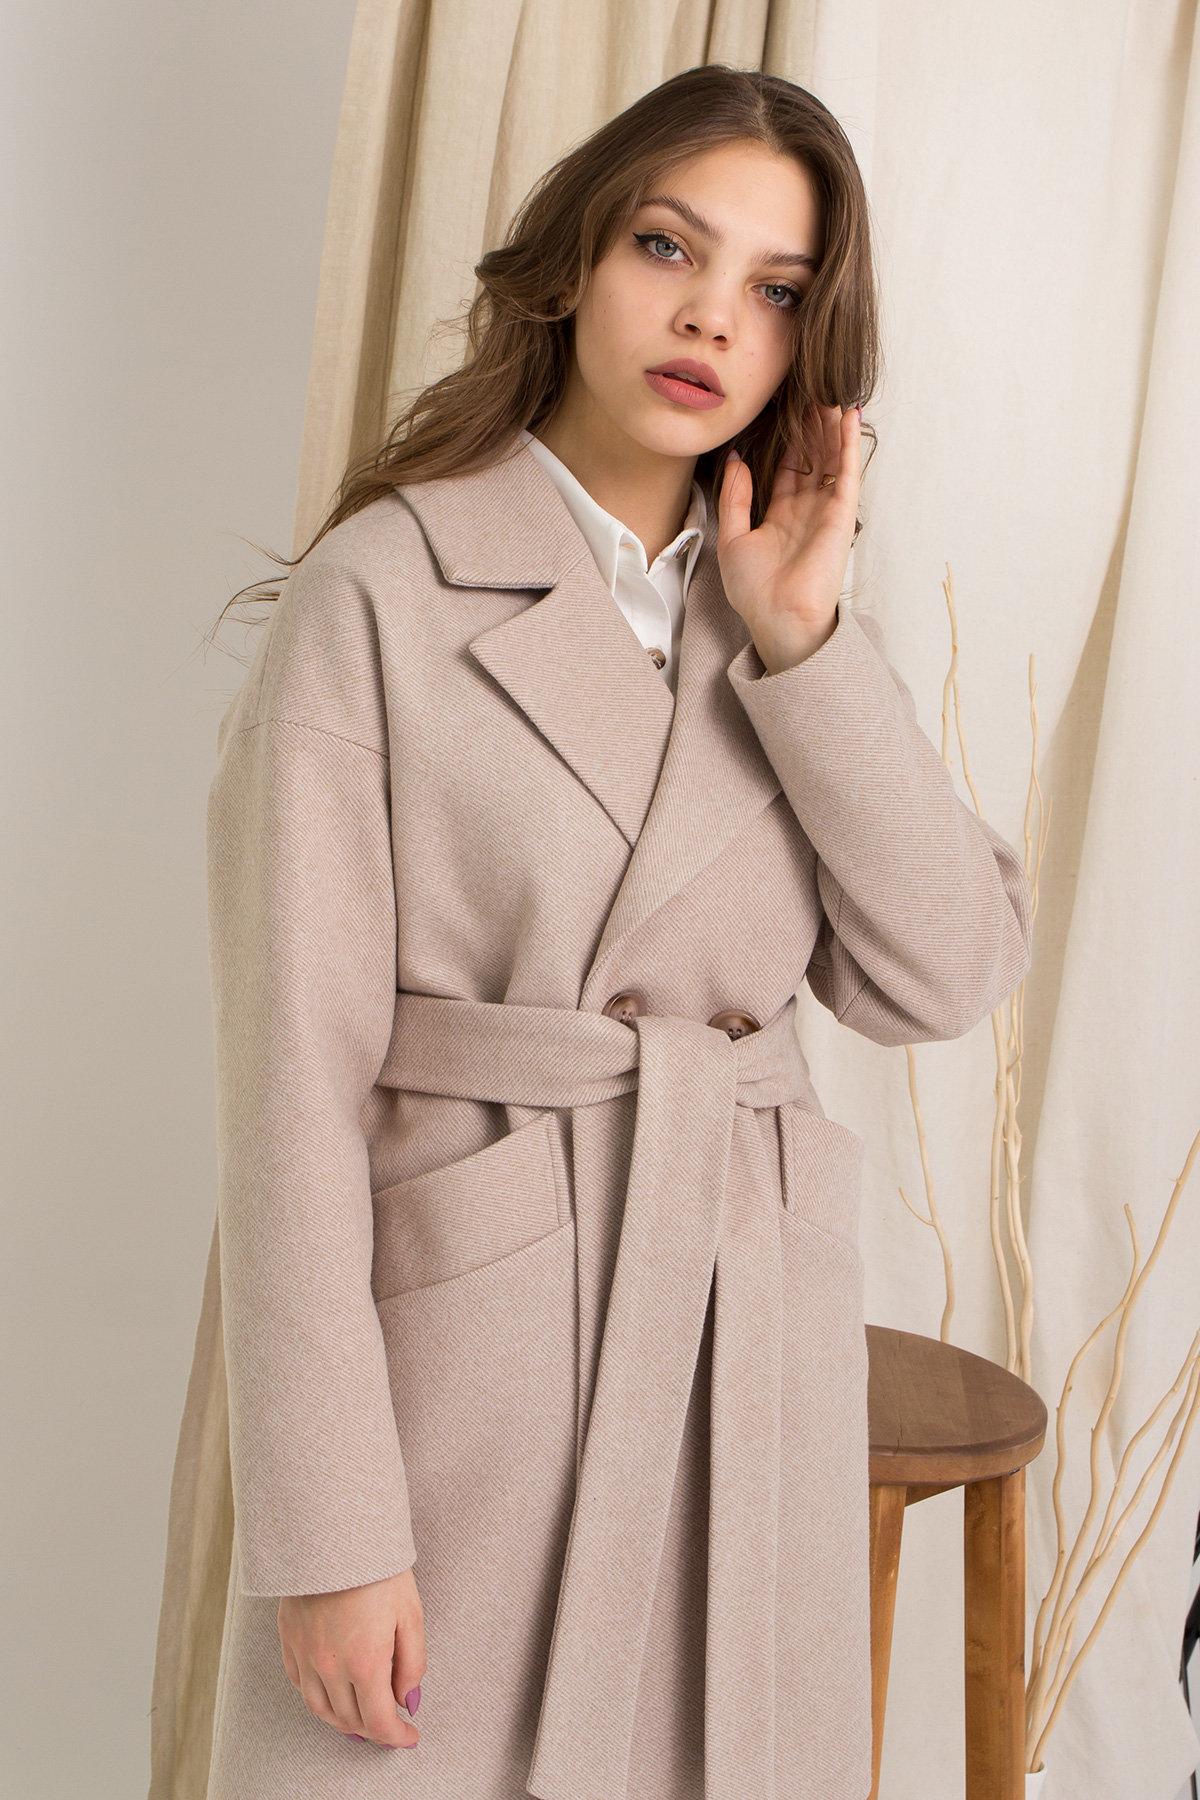 Пальто Сенсей 8907 АРТ. 45368 Цвет: Бежевый - фото 6, интернет магазин tm-modus.ru